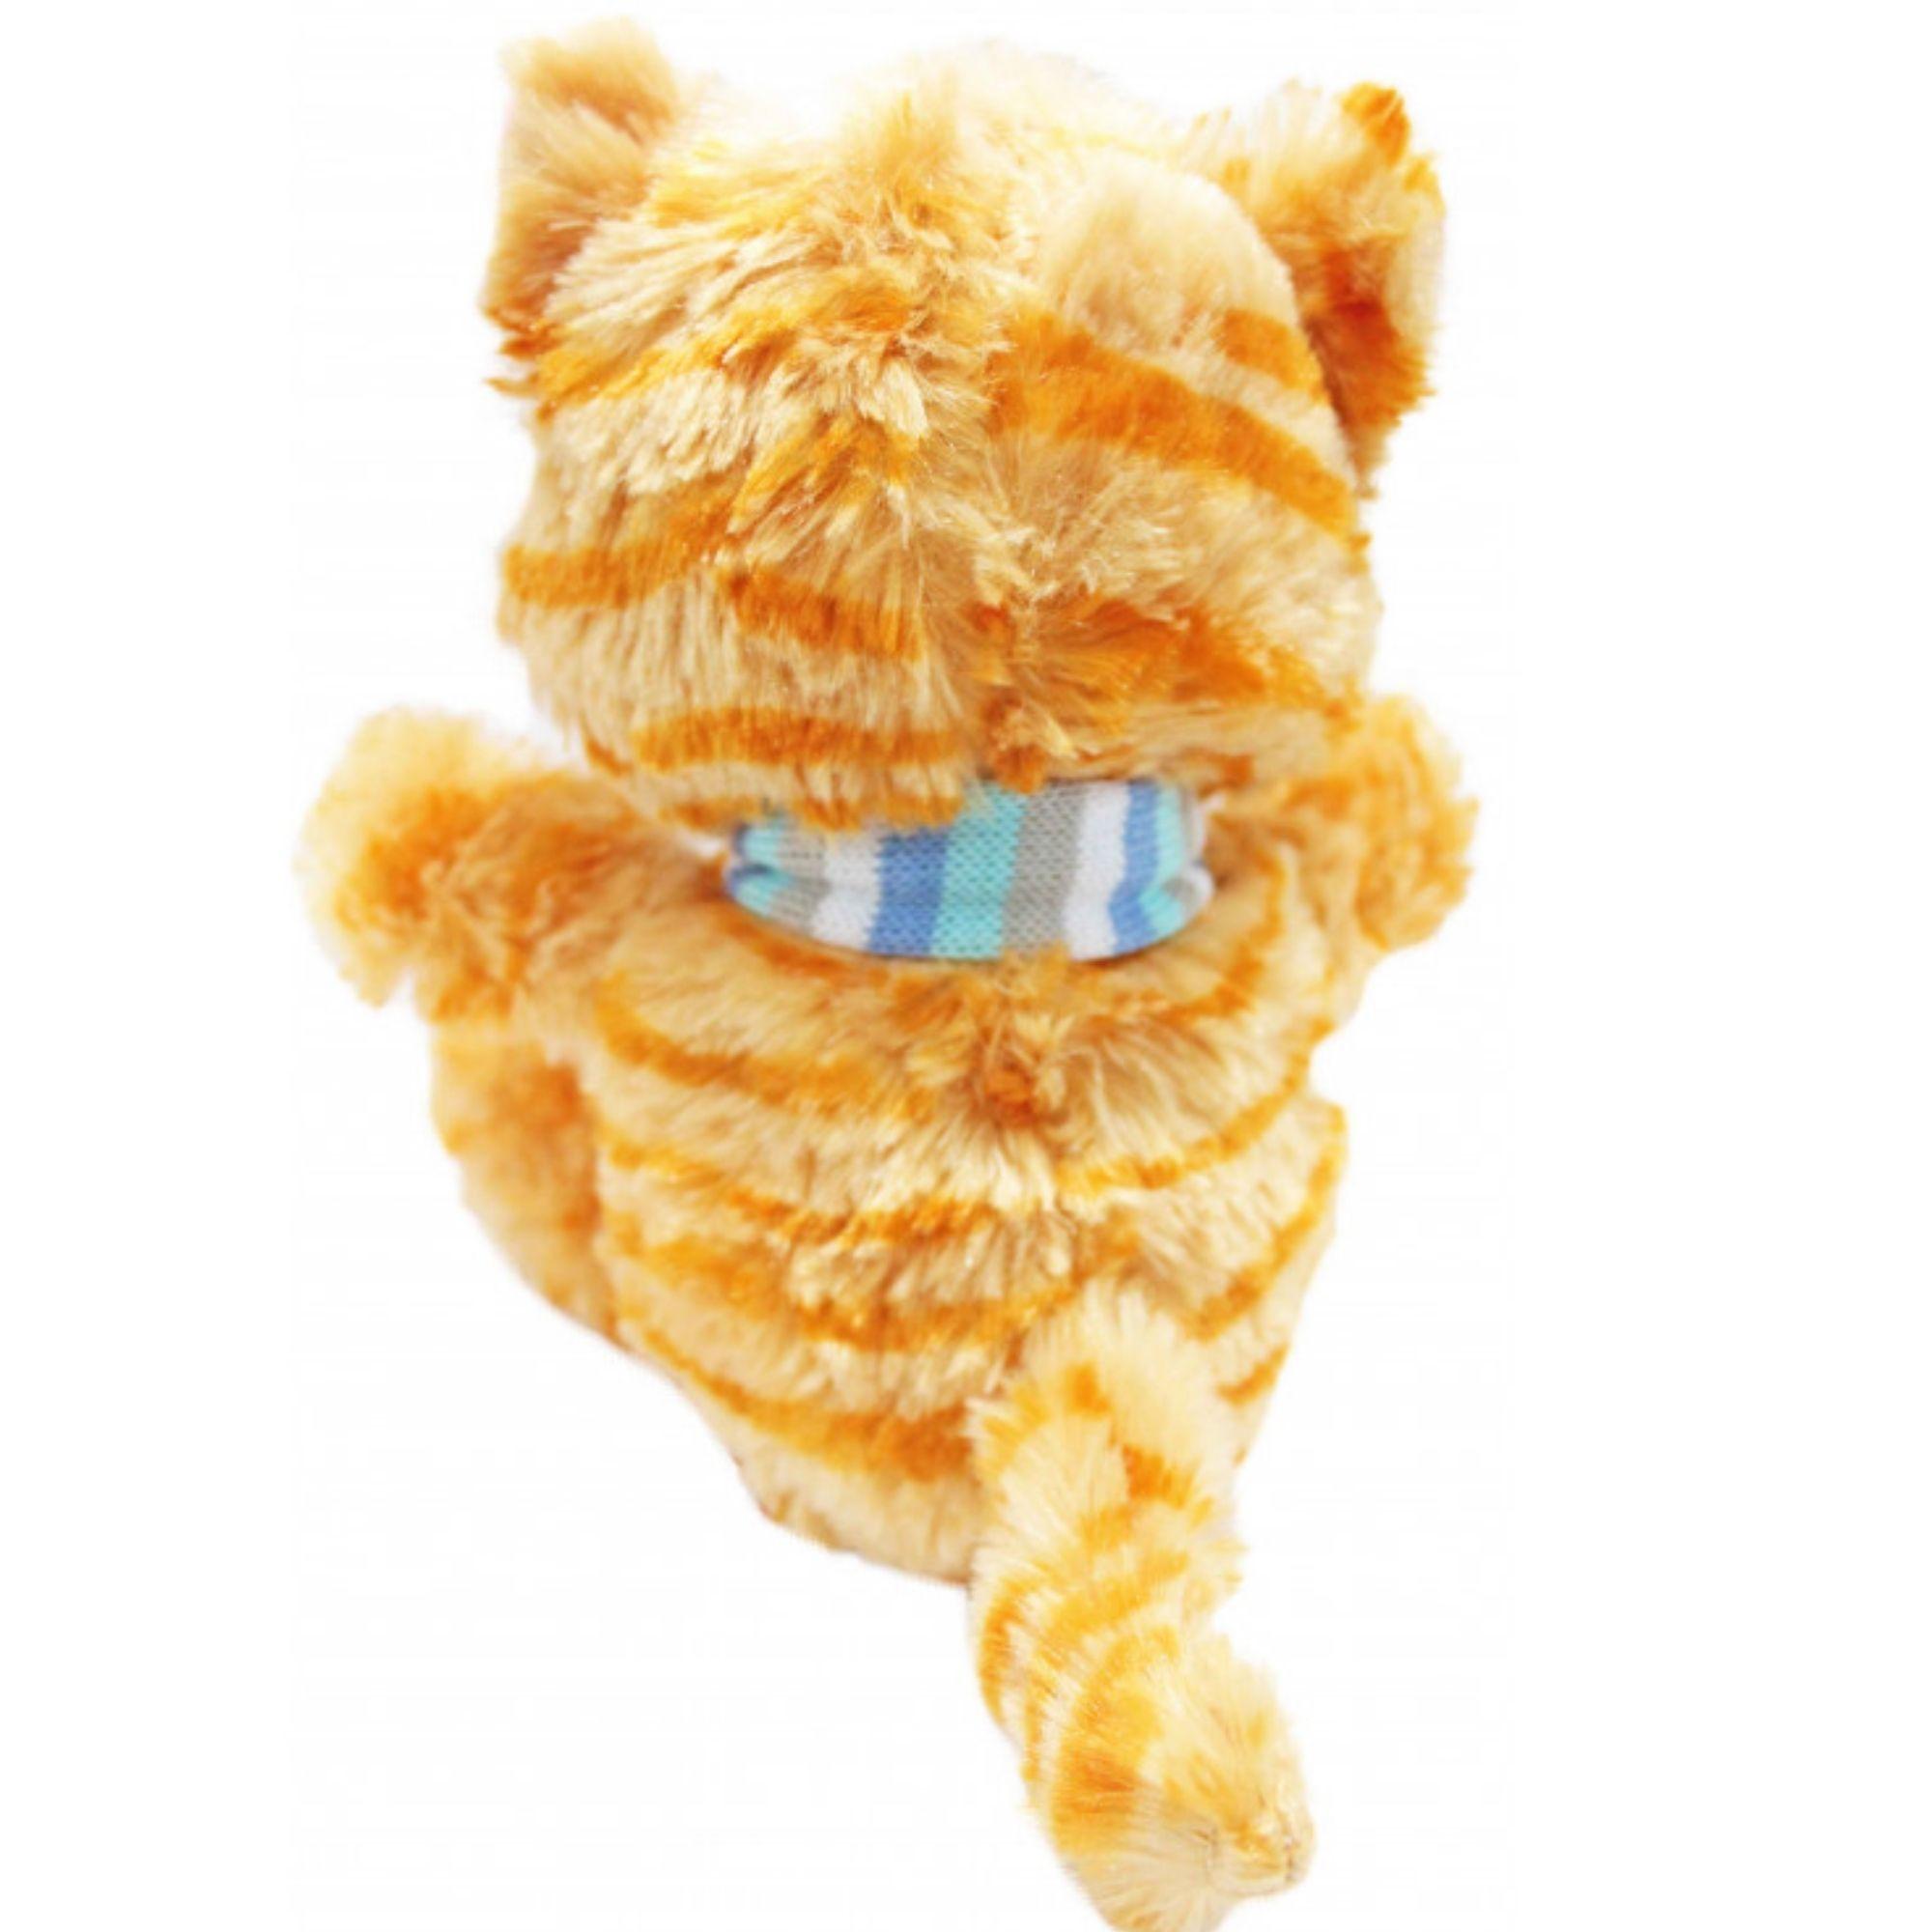 Gatinho de Pelucia com olhos brilhantes com Cachecol 20 cm  - Game Land Brinquedos